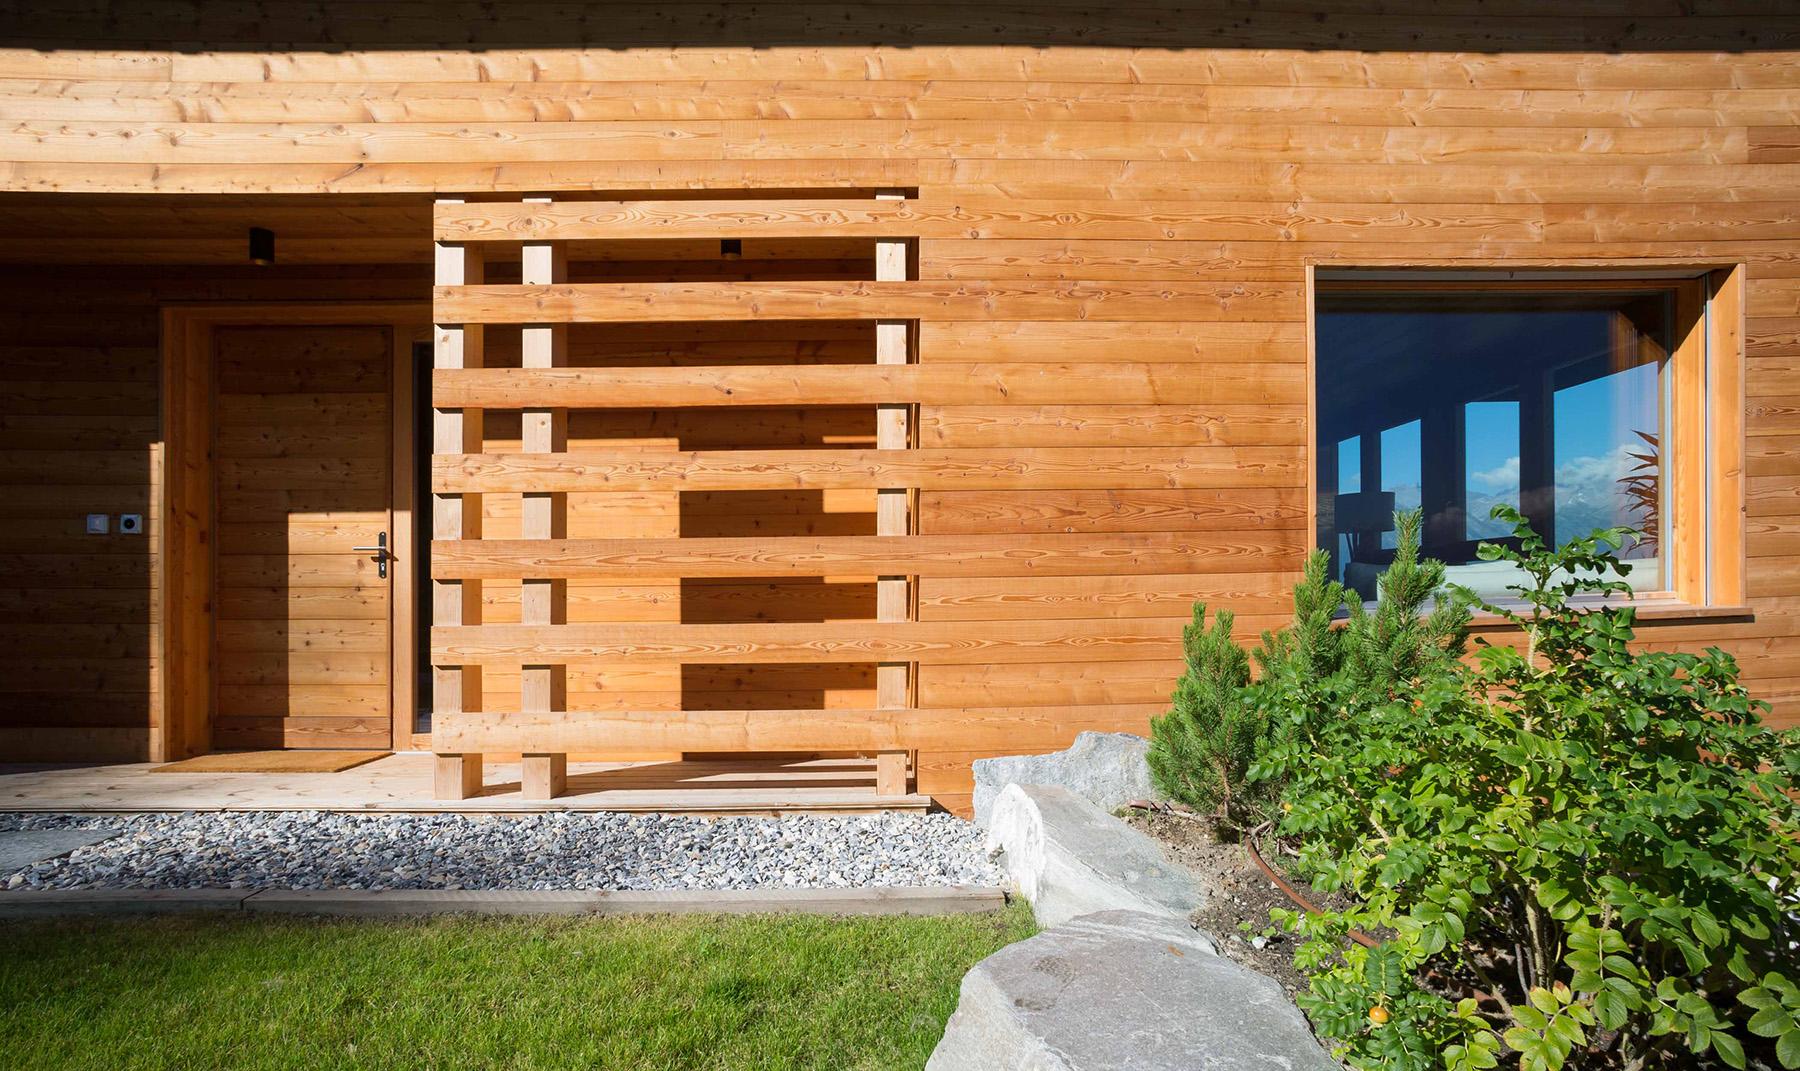 Constructeur de maison bois ma maison bois for Constructeur de maison en bois suisse